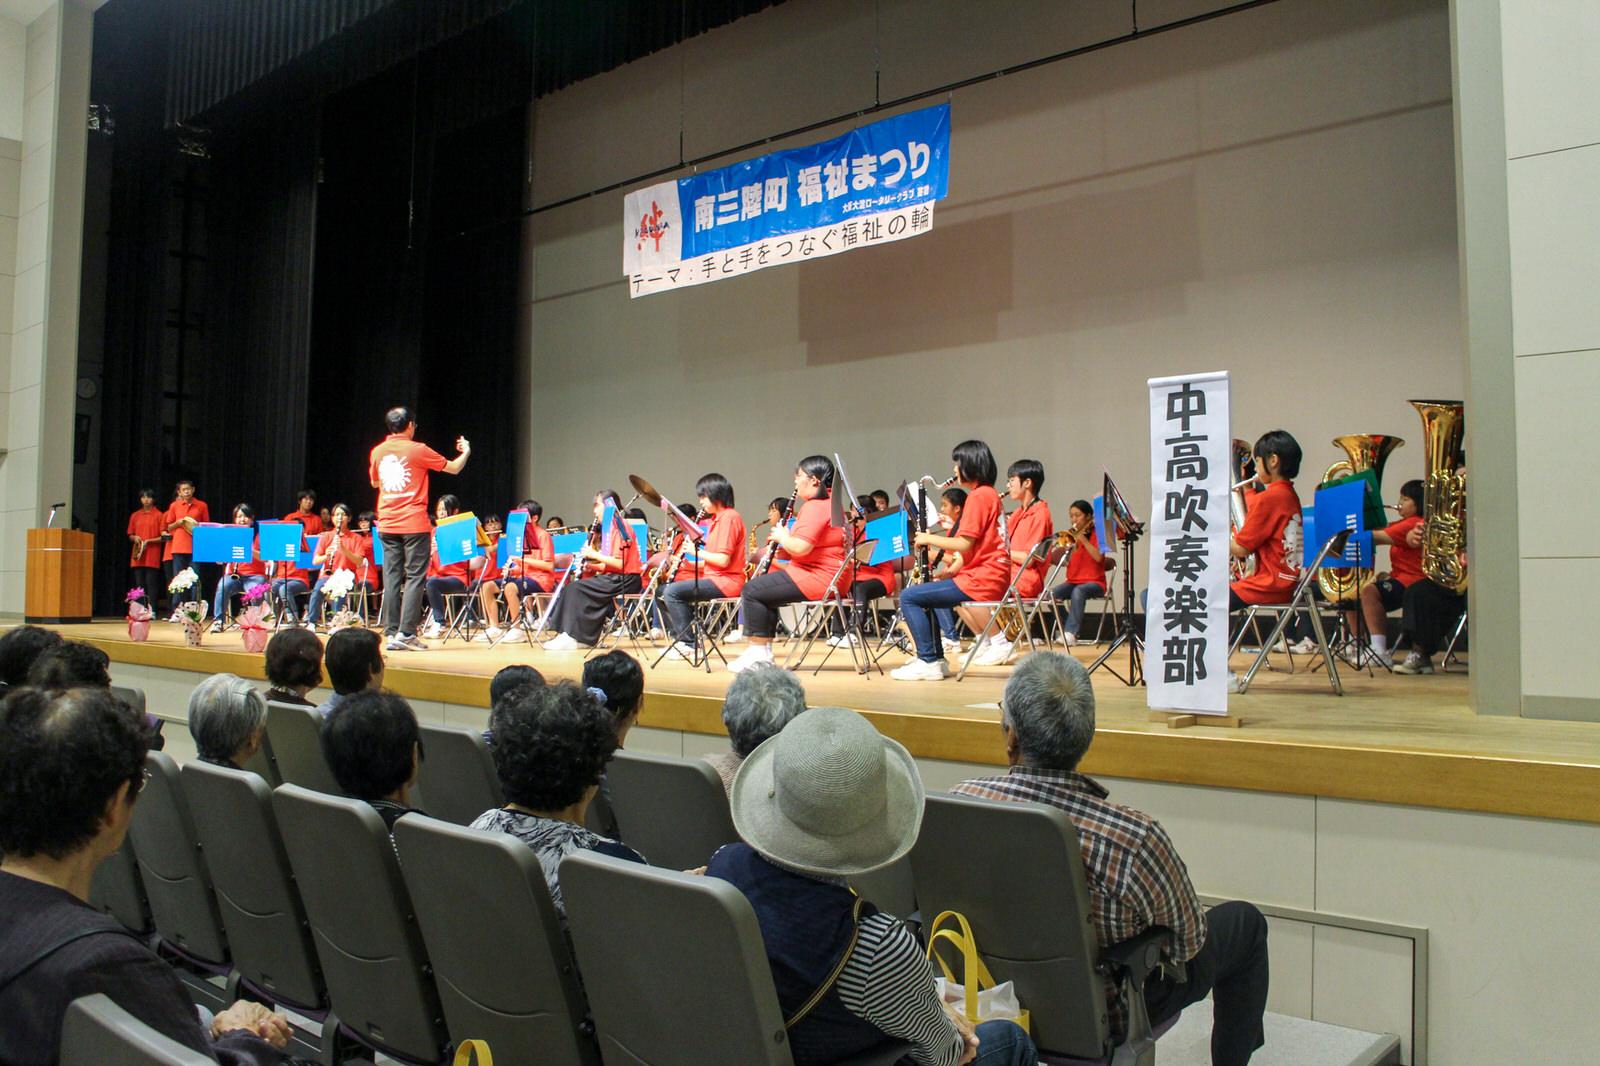 ステージも華やか!コール潮騒の美しい合唱や町内の中高吹奏楽部の合同演奏、輝き劇団などなど